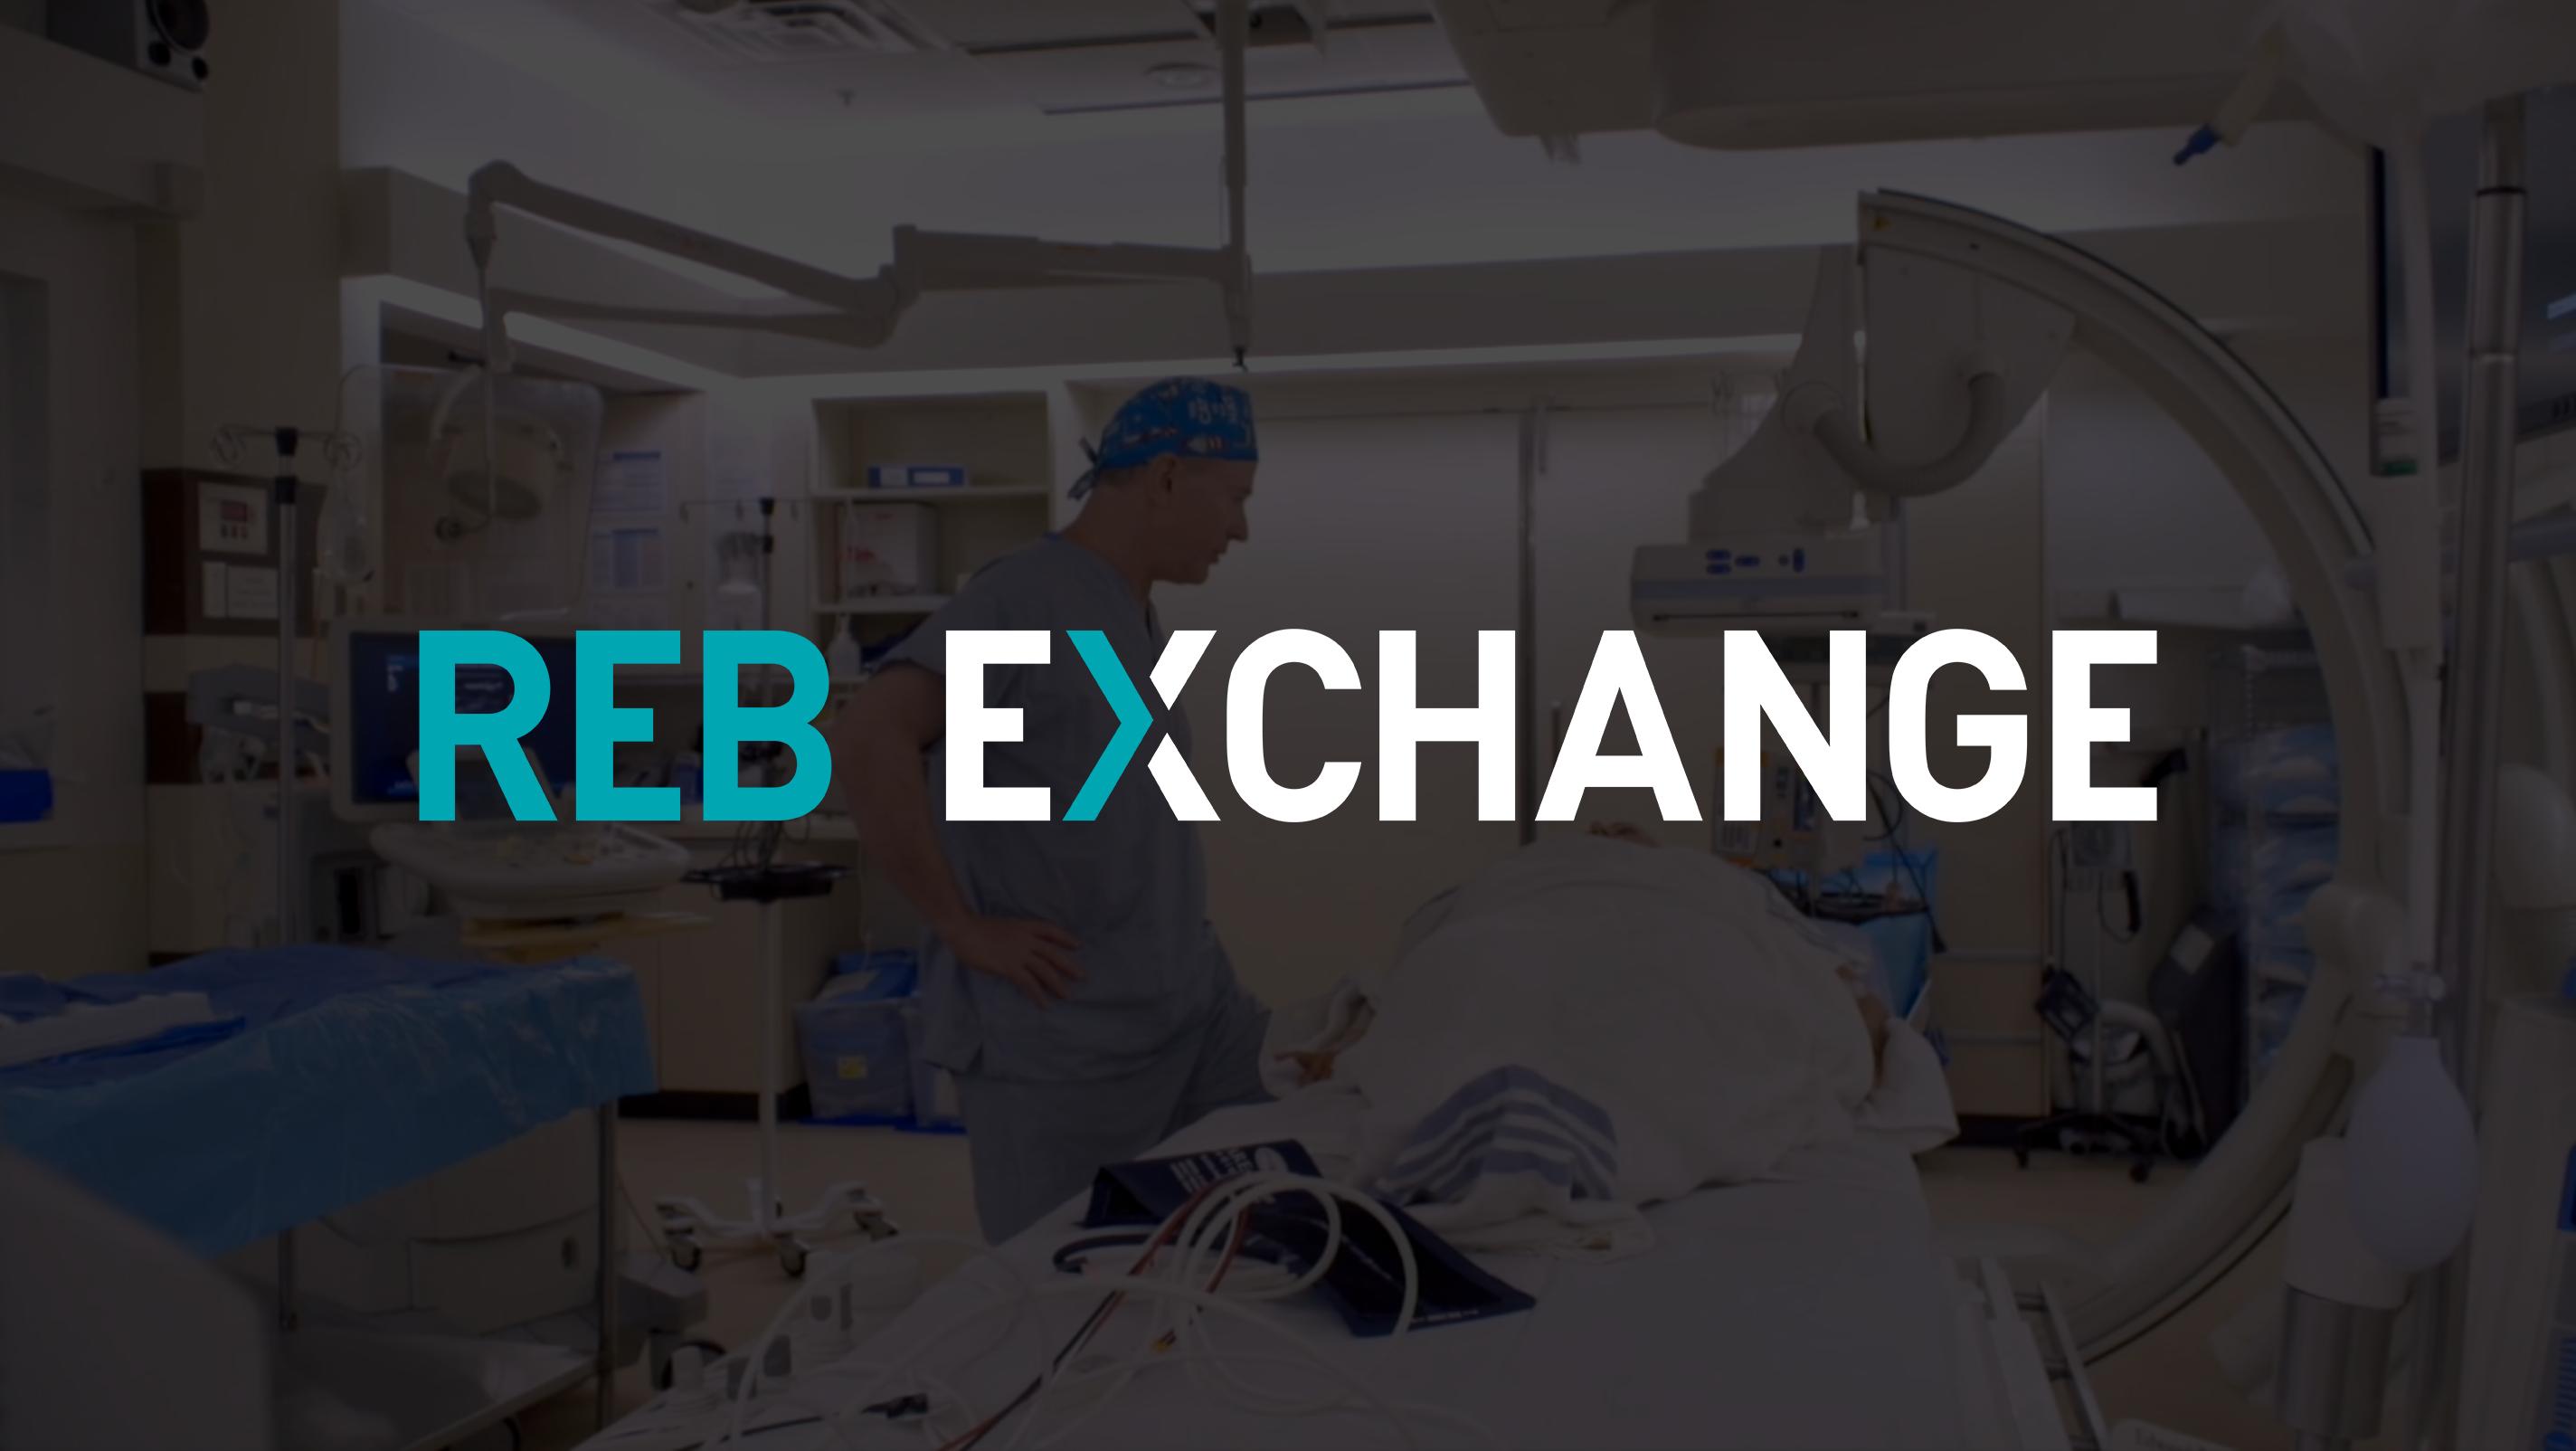 REB Exchange